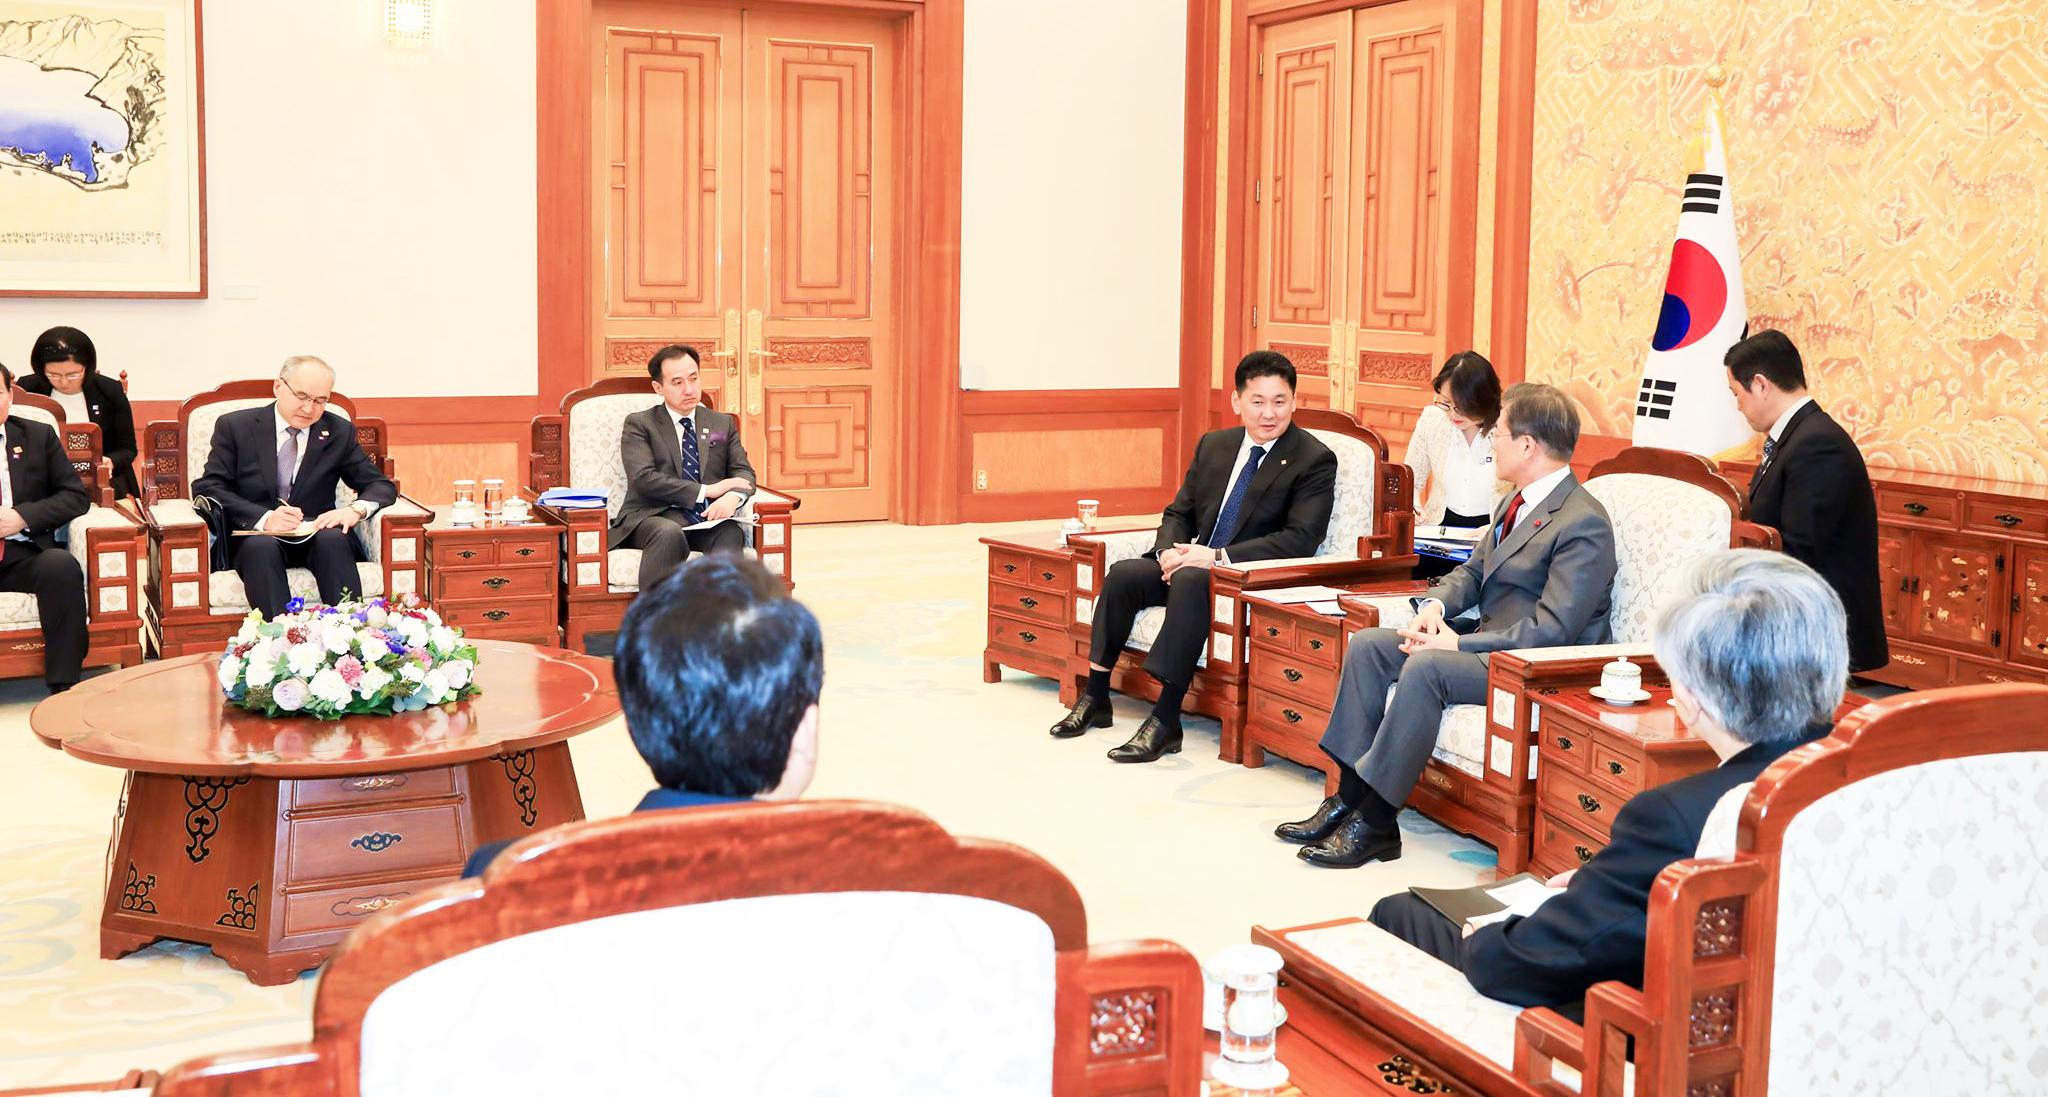 Монгол улсын ерөнхий сайд У.Хүрэлсүх БНСУ-д хийсэн айлчлалын дүнгийн талаар мэдээлэл өгөв